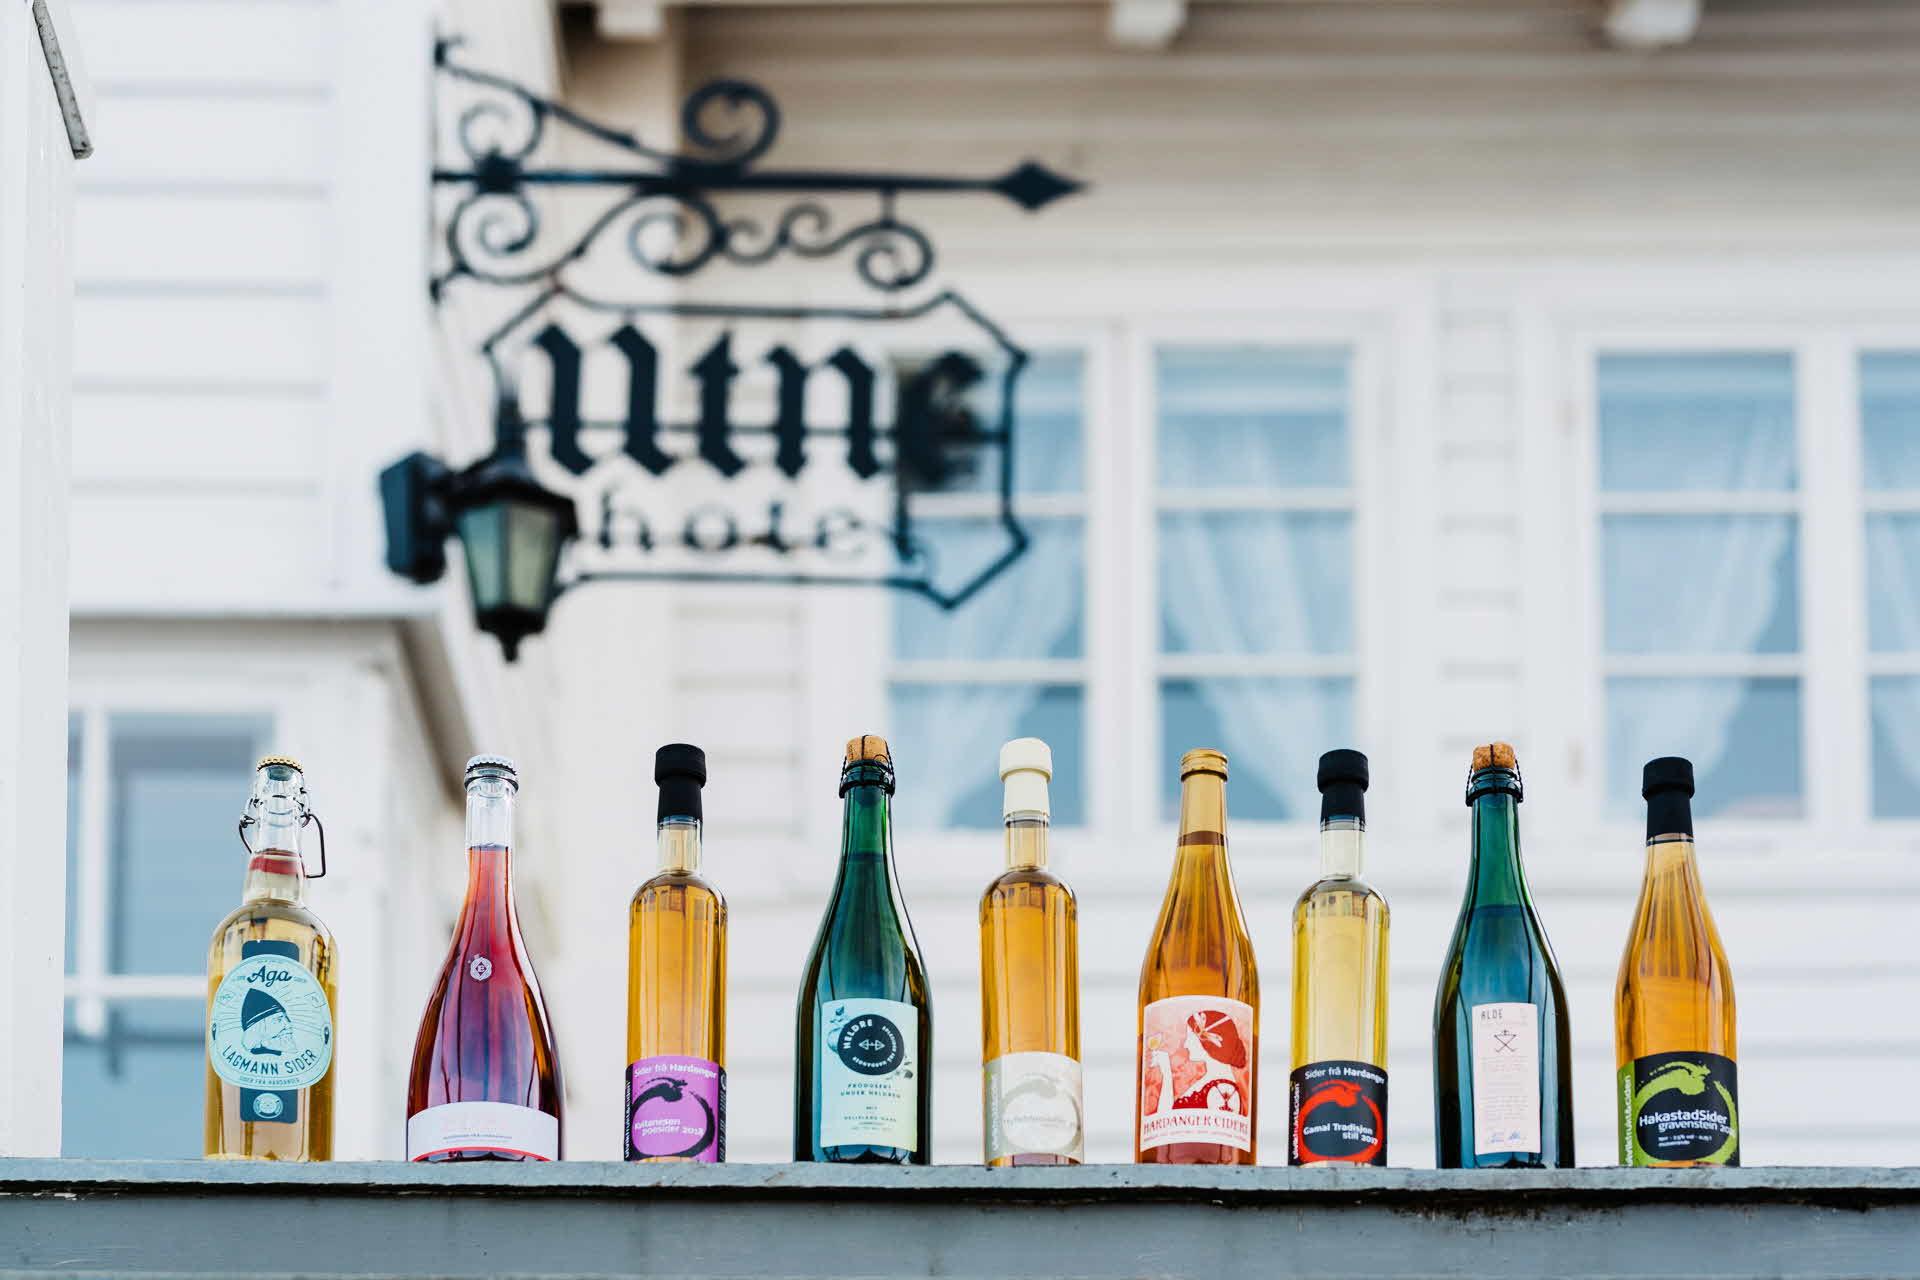 Neun unterschiedlich geformte Ciderflaschen nebeneinander auf dem Geländer vor dem Utne Hotel in Hardanger, Norwegen